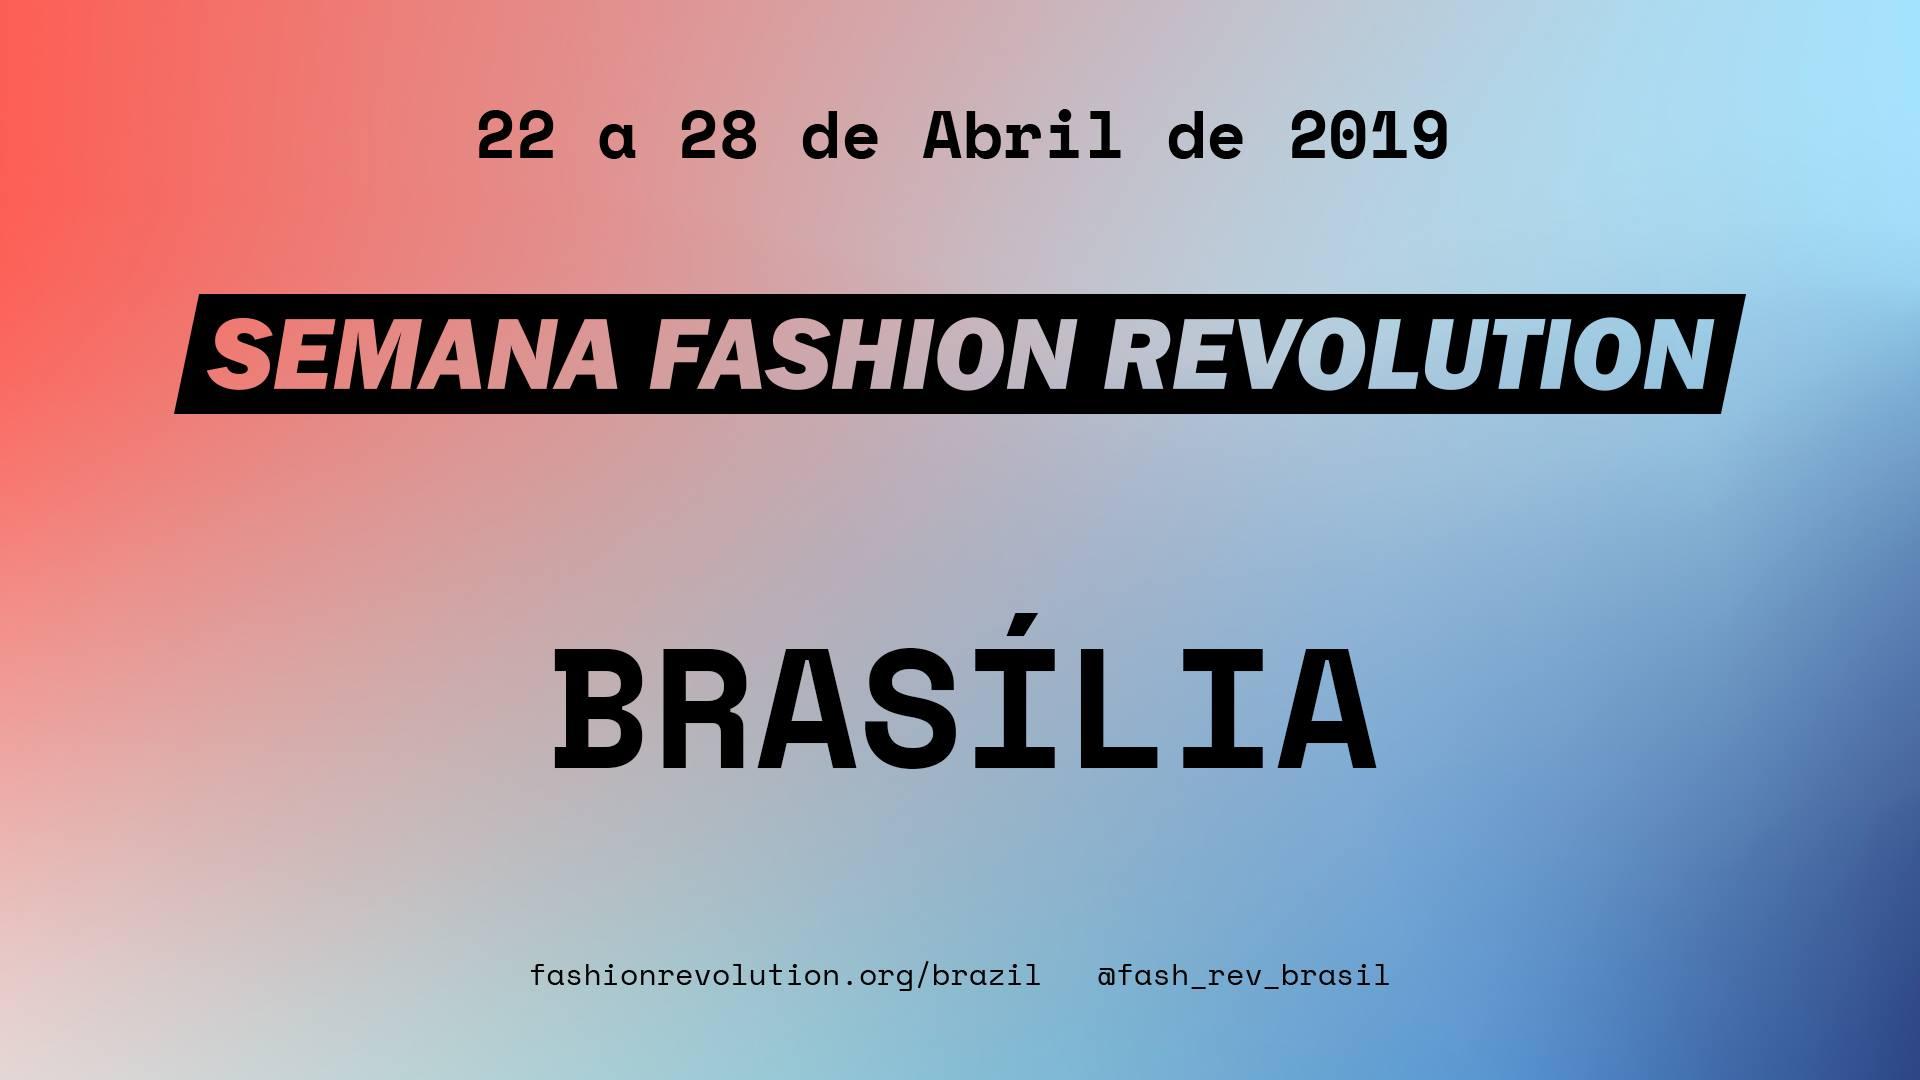 Semana Fashion Revolution – Brasília